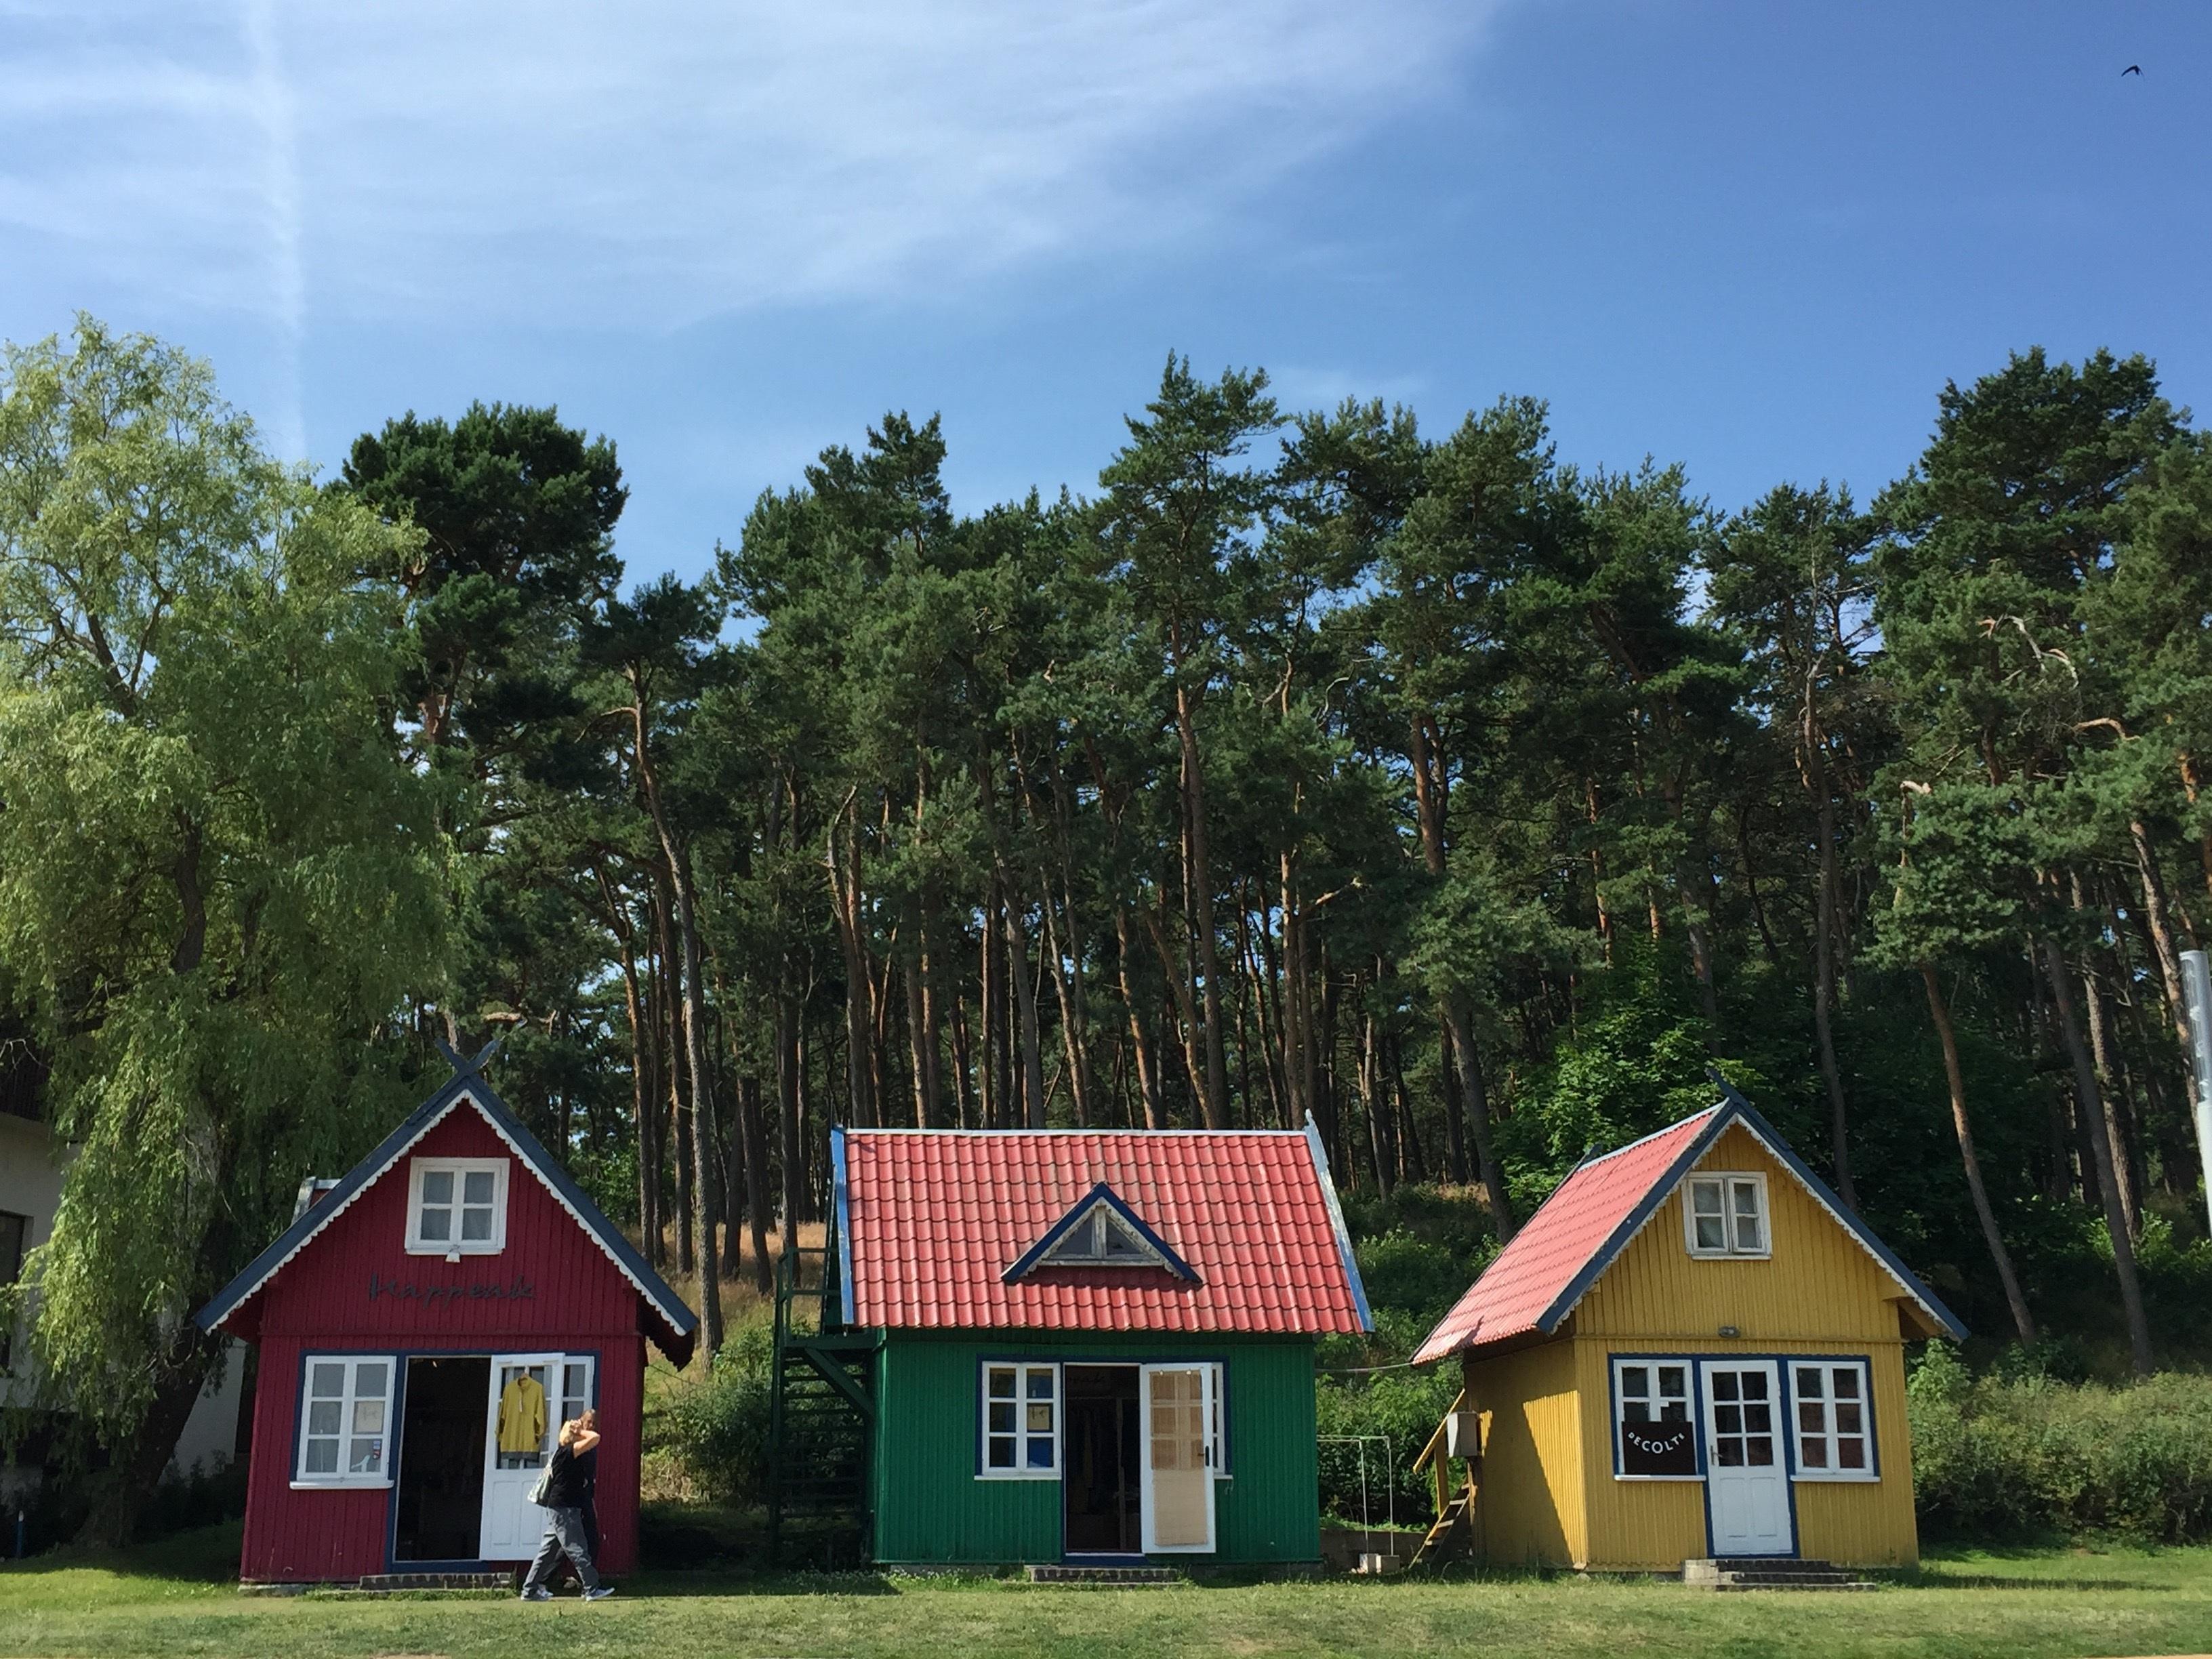 Immobilien Litauen kostenlose foto die architektur bauernhof haus gebäude